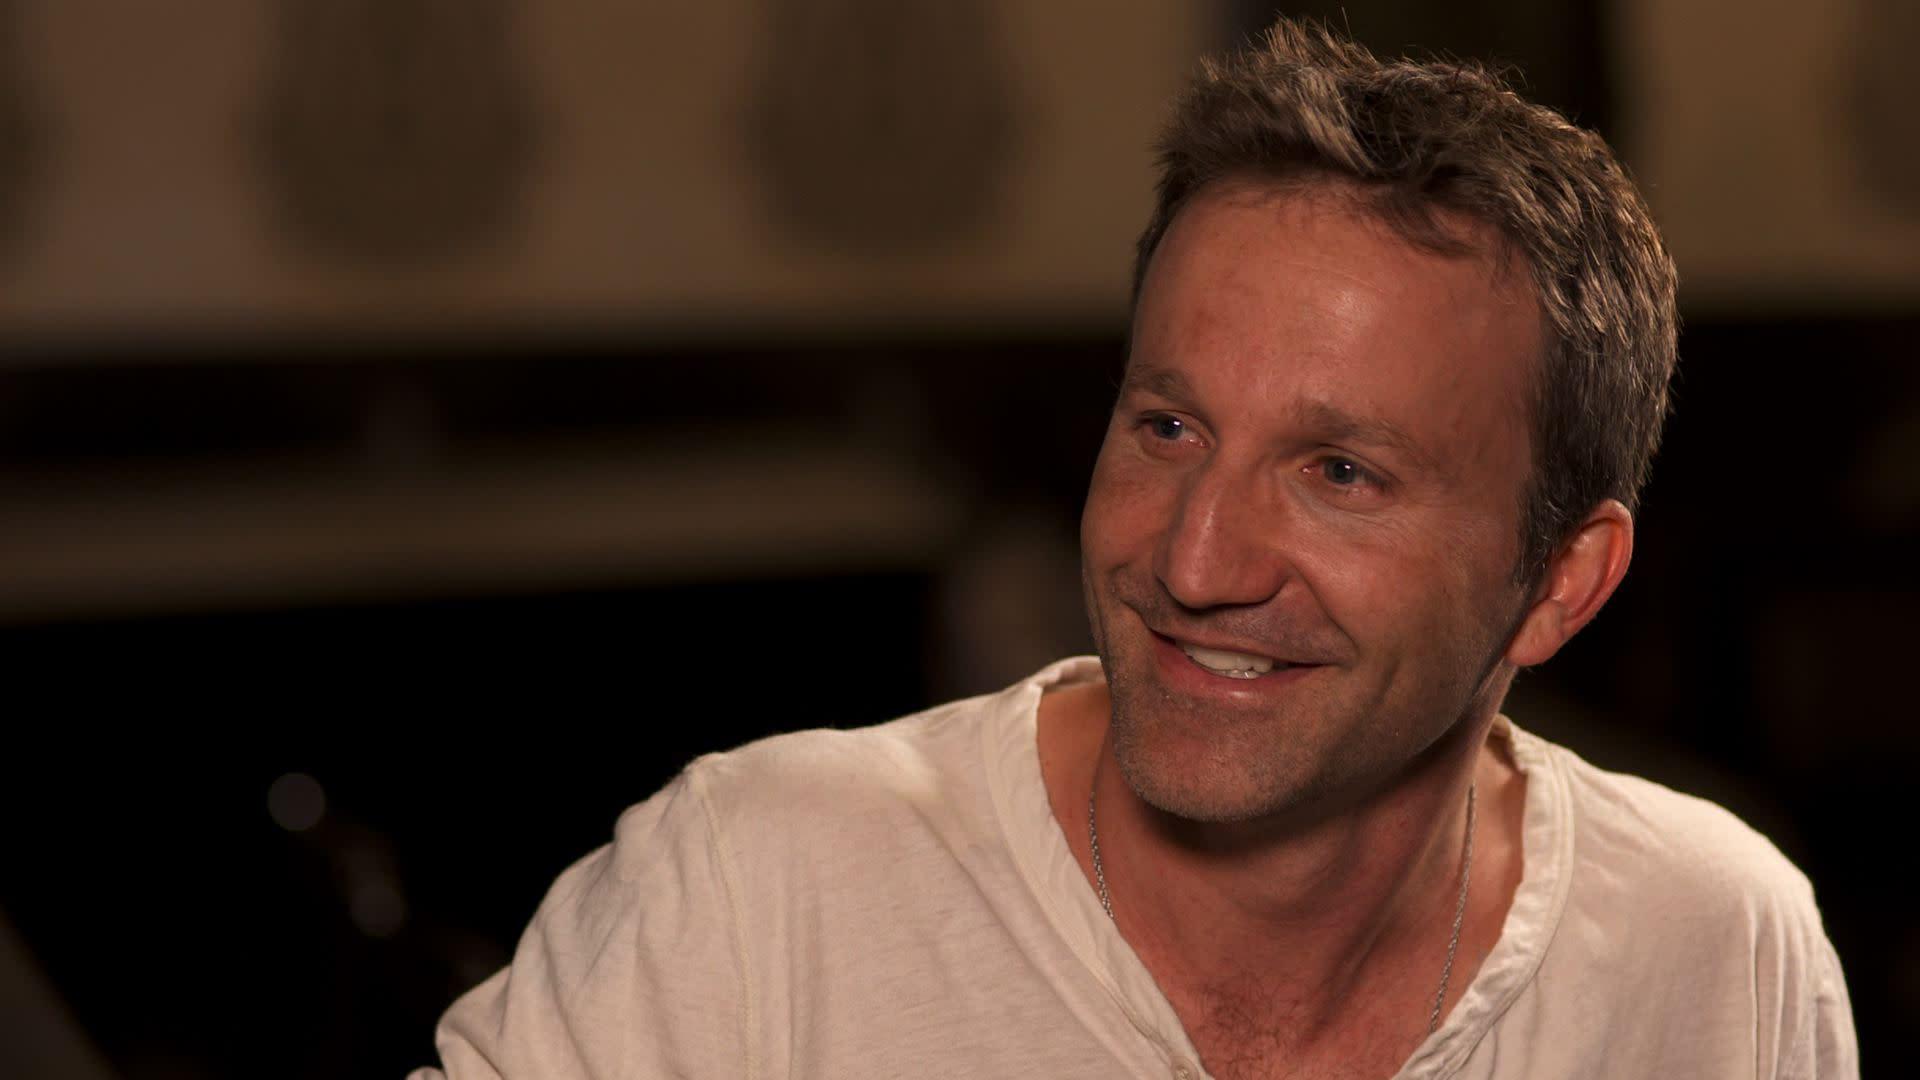 Breckin Meyer Dishes On Nude Scenes With Mark Paul Gosselaar Exclusive Video